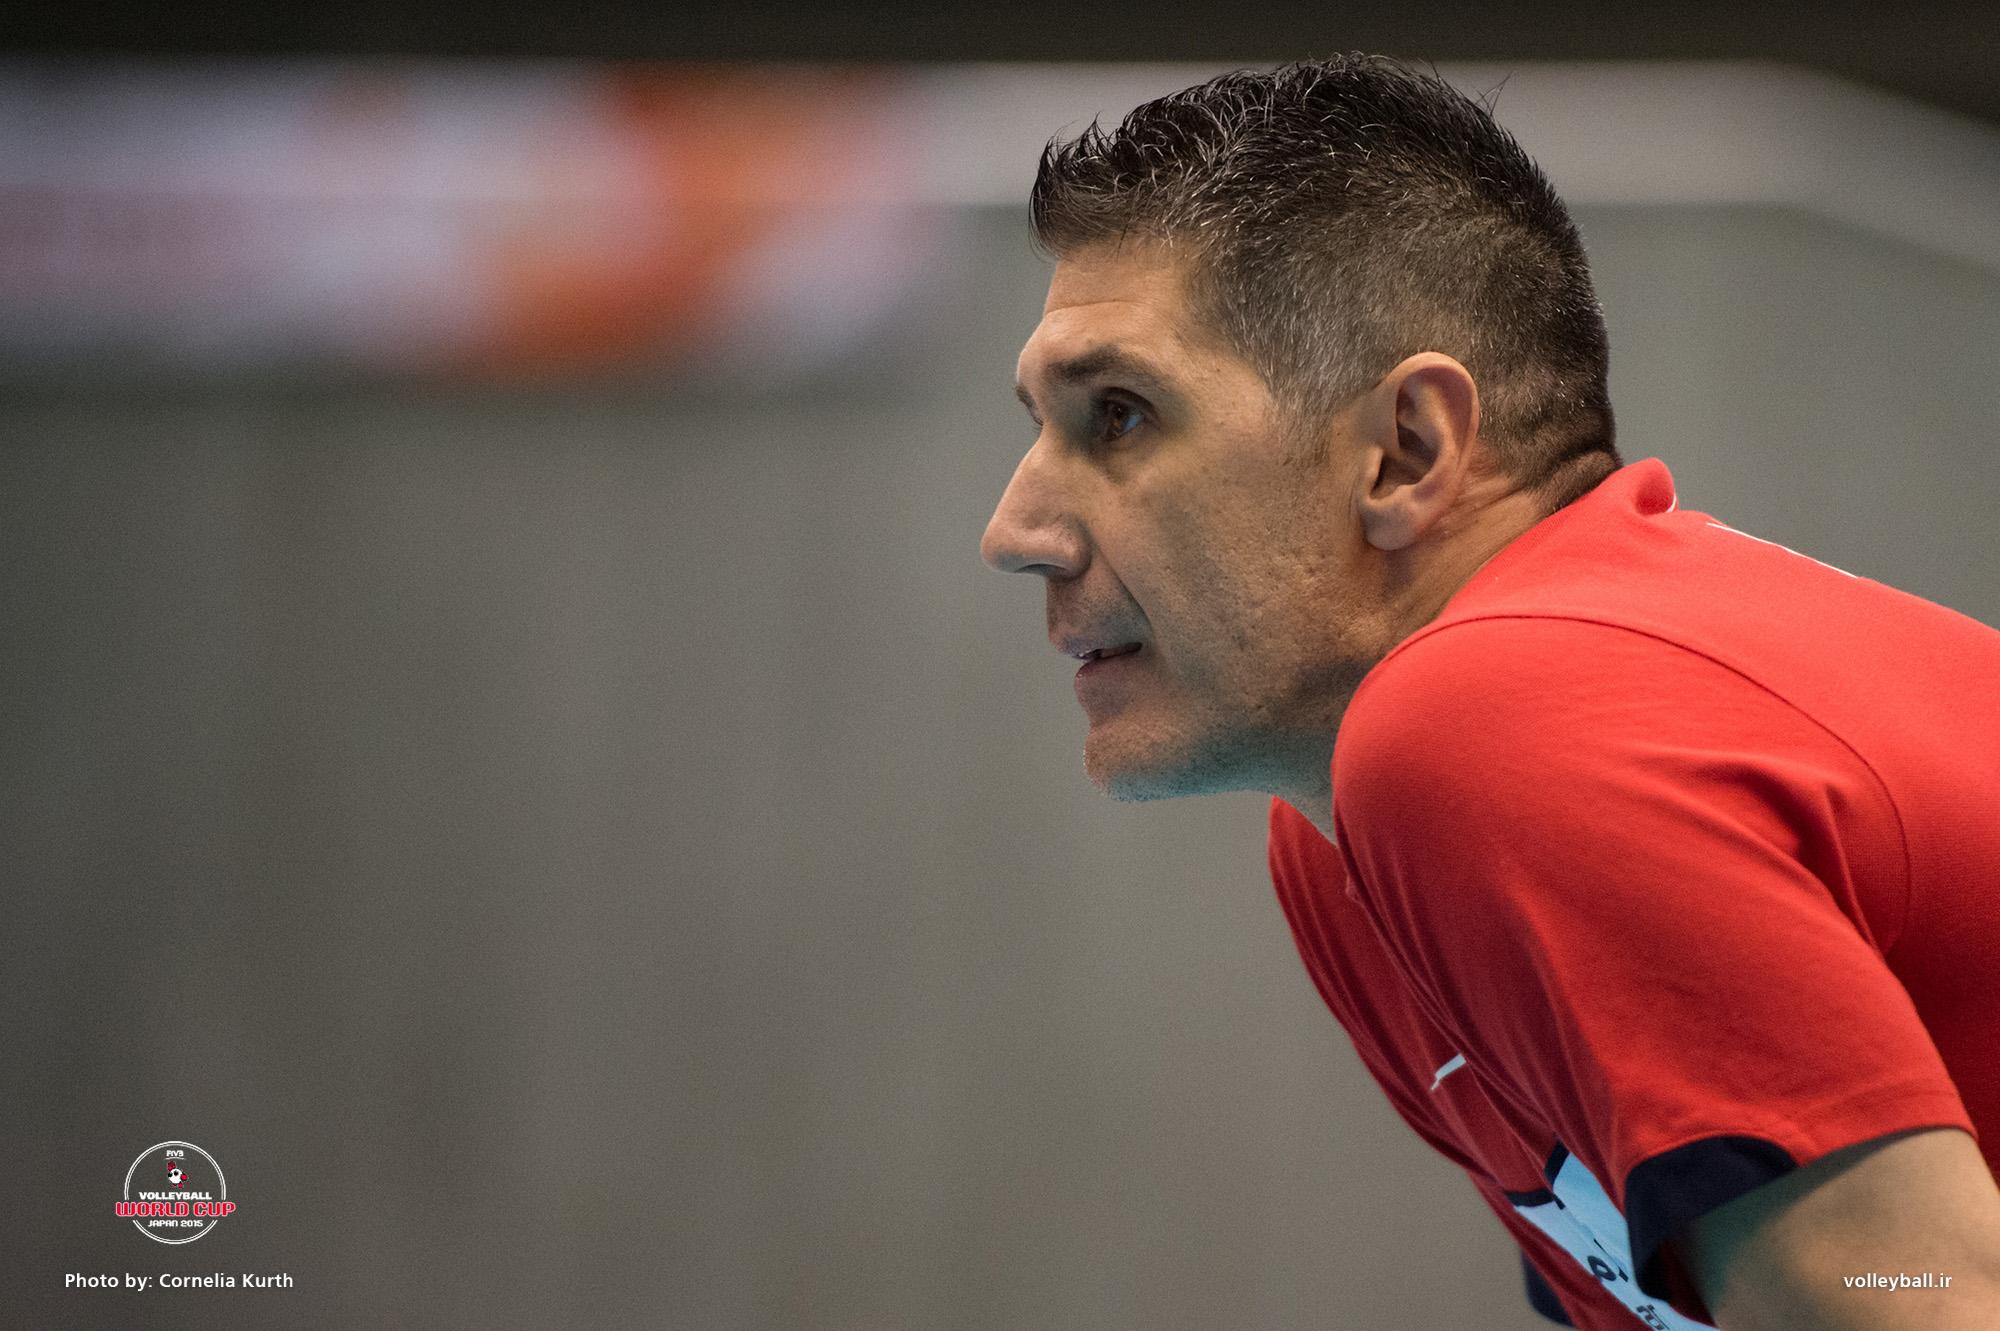 مقصر اصلی این روزهای والیبال ایران کیست؟